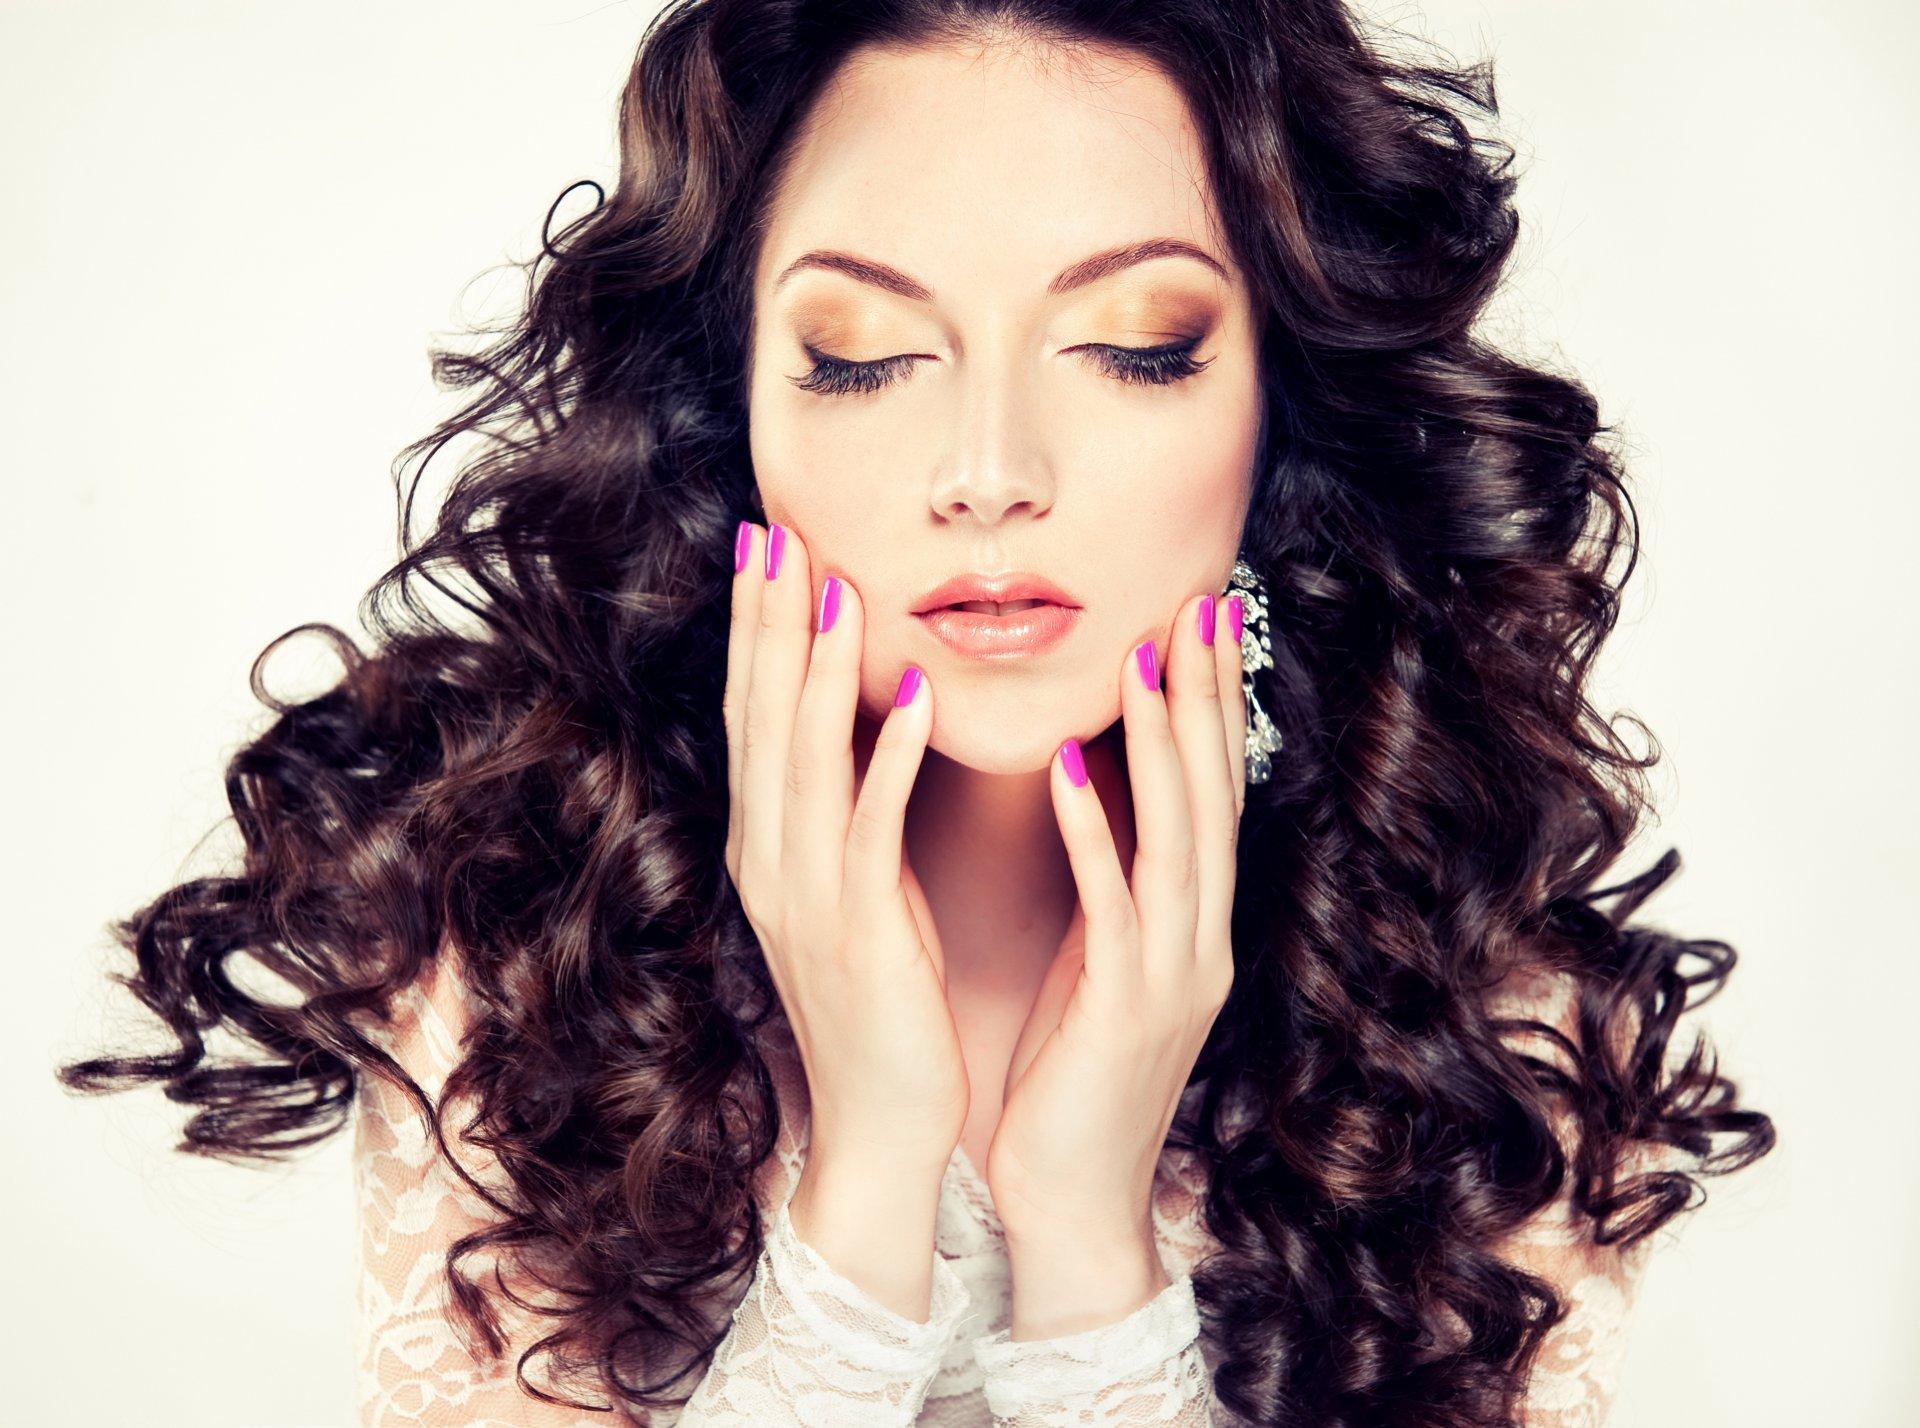 Красивые девушки с красивыми волосами